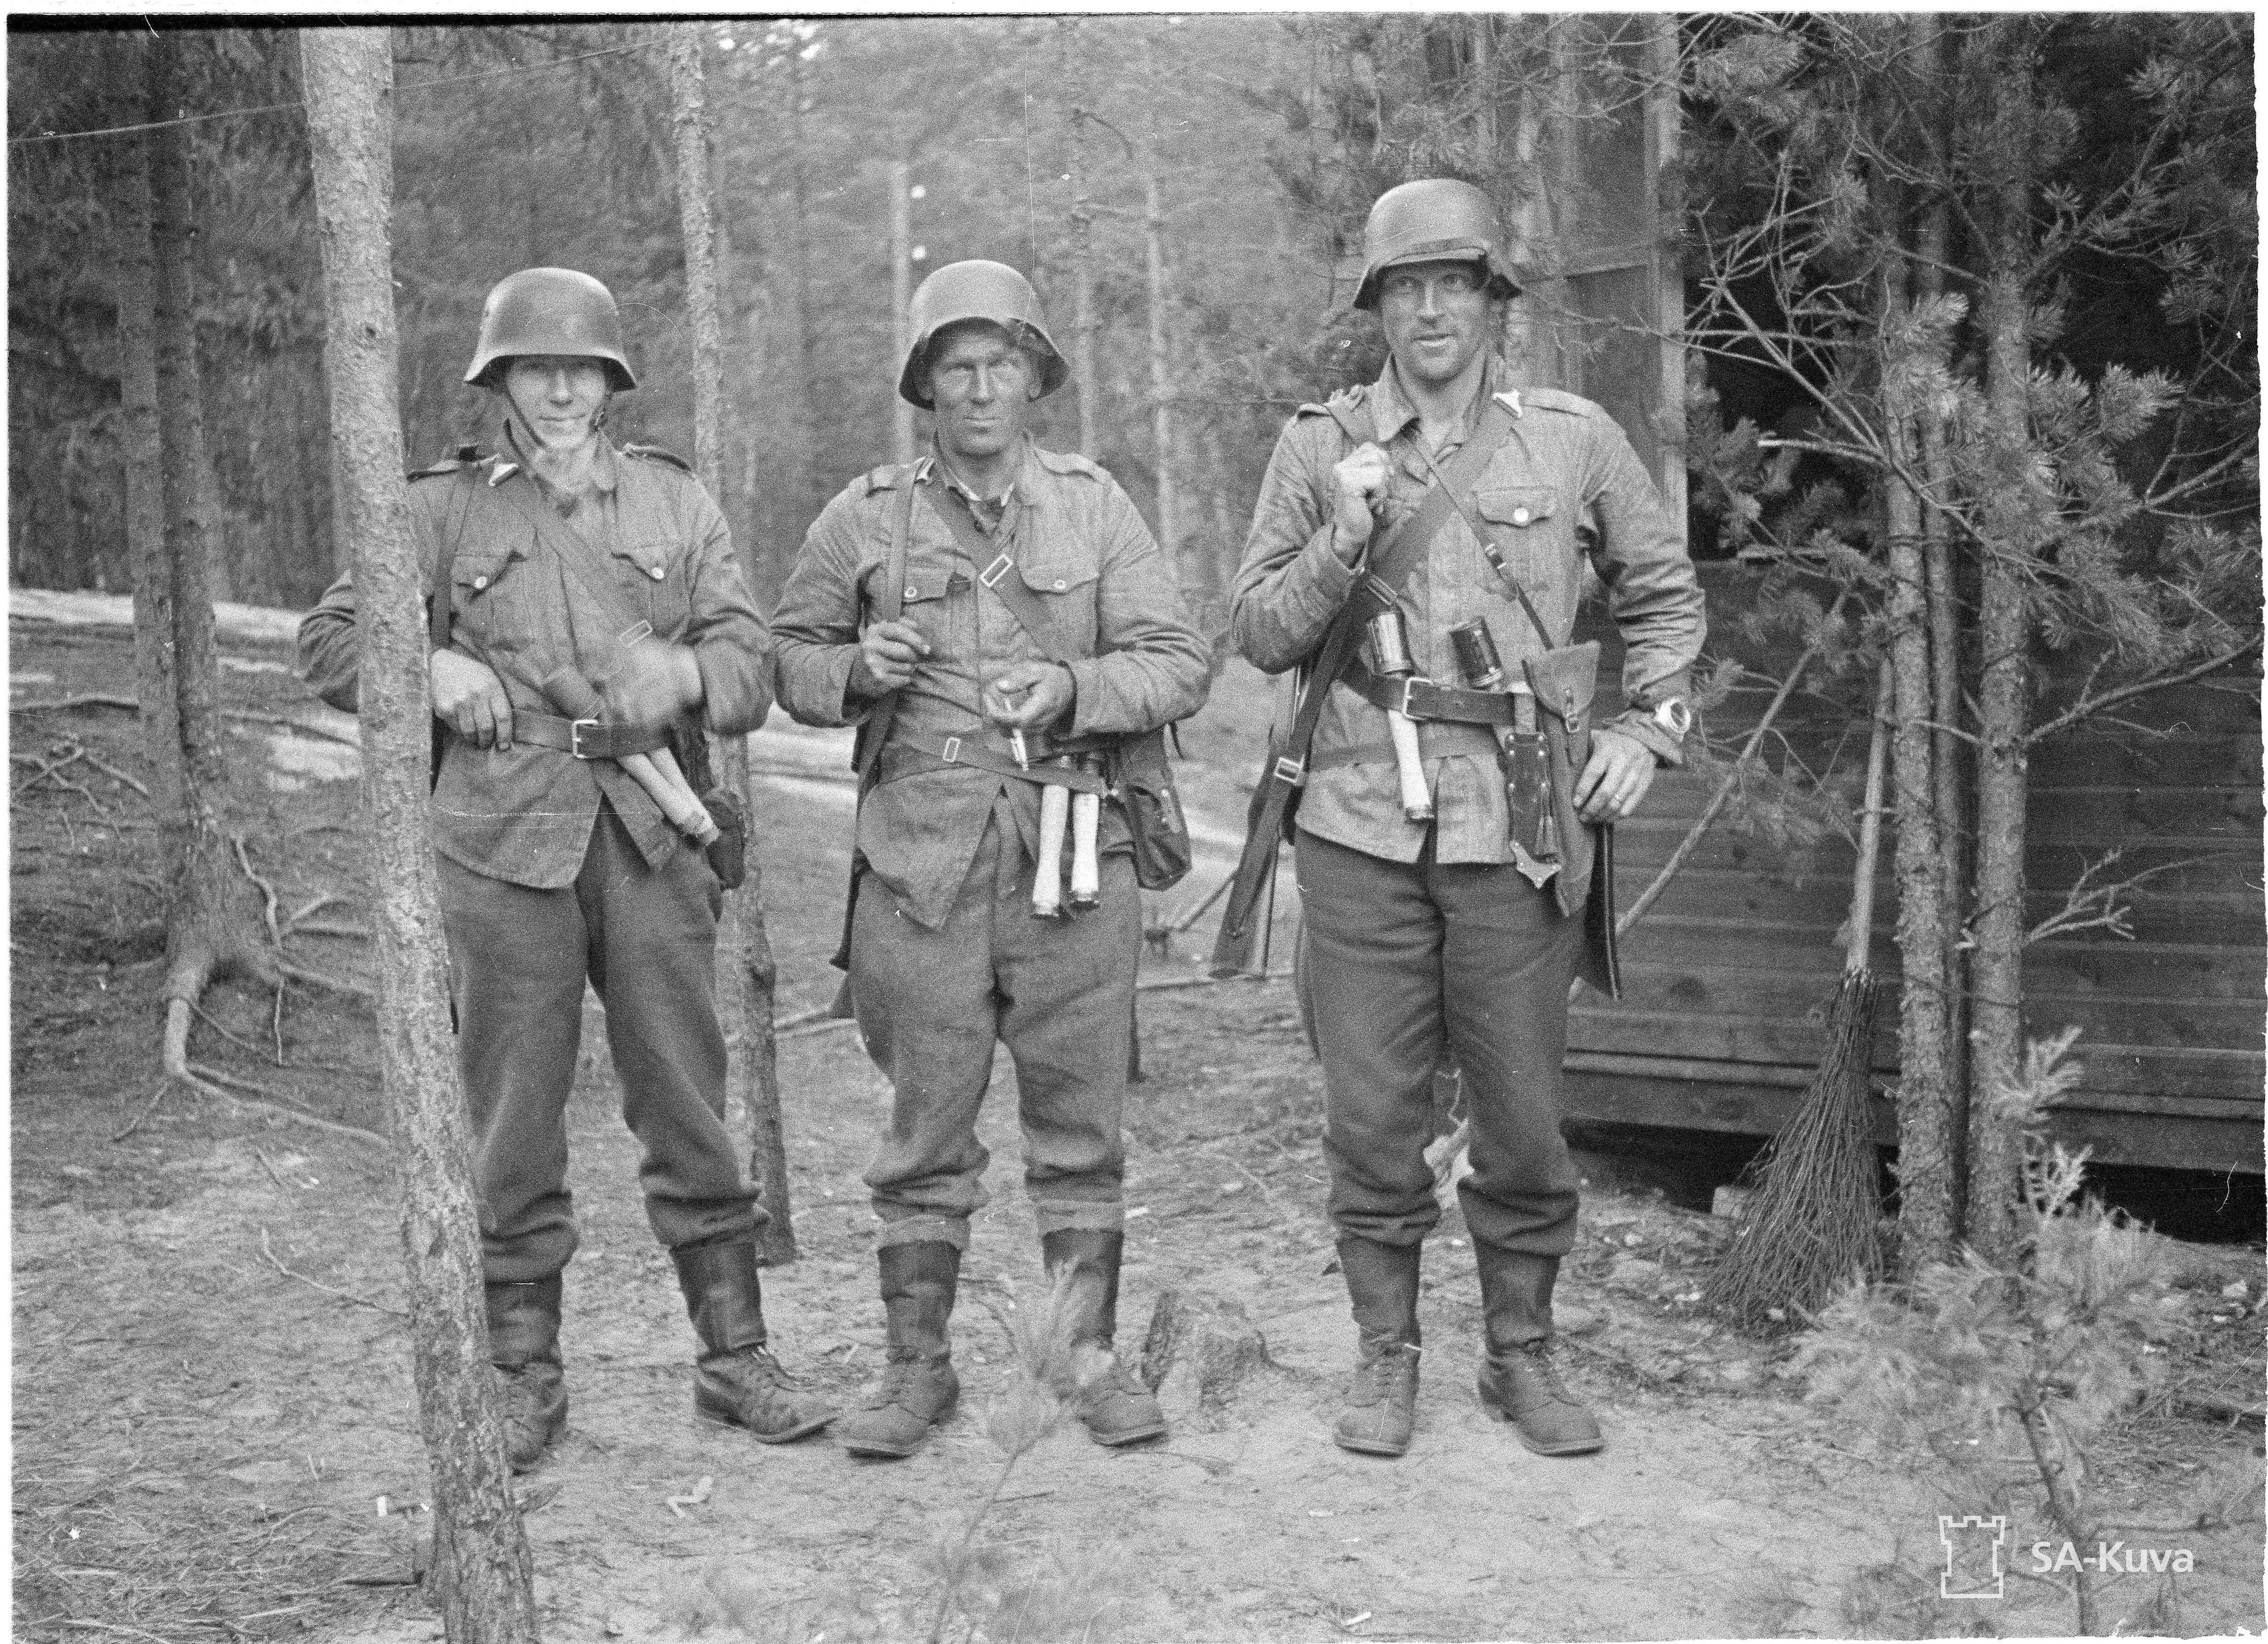 soldats finlandais 3ca621899a154ba8de1e7bedce92a30f